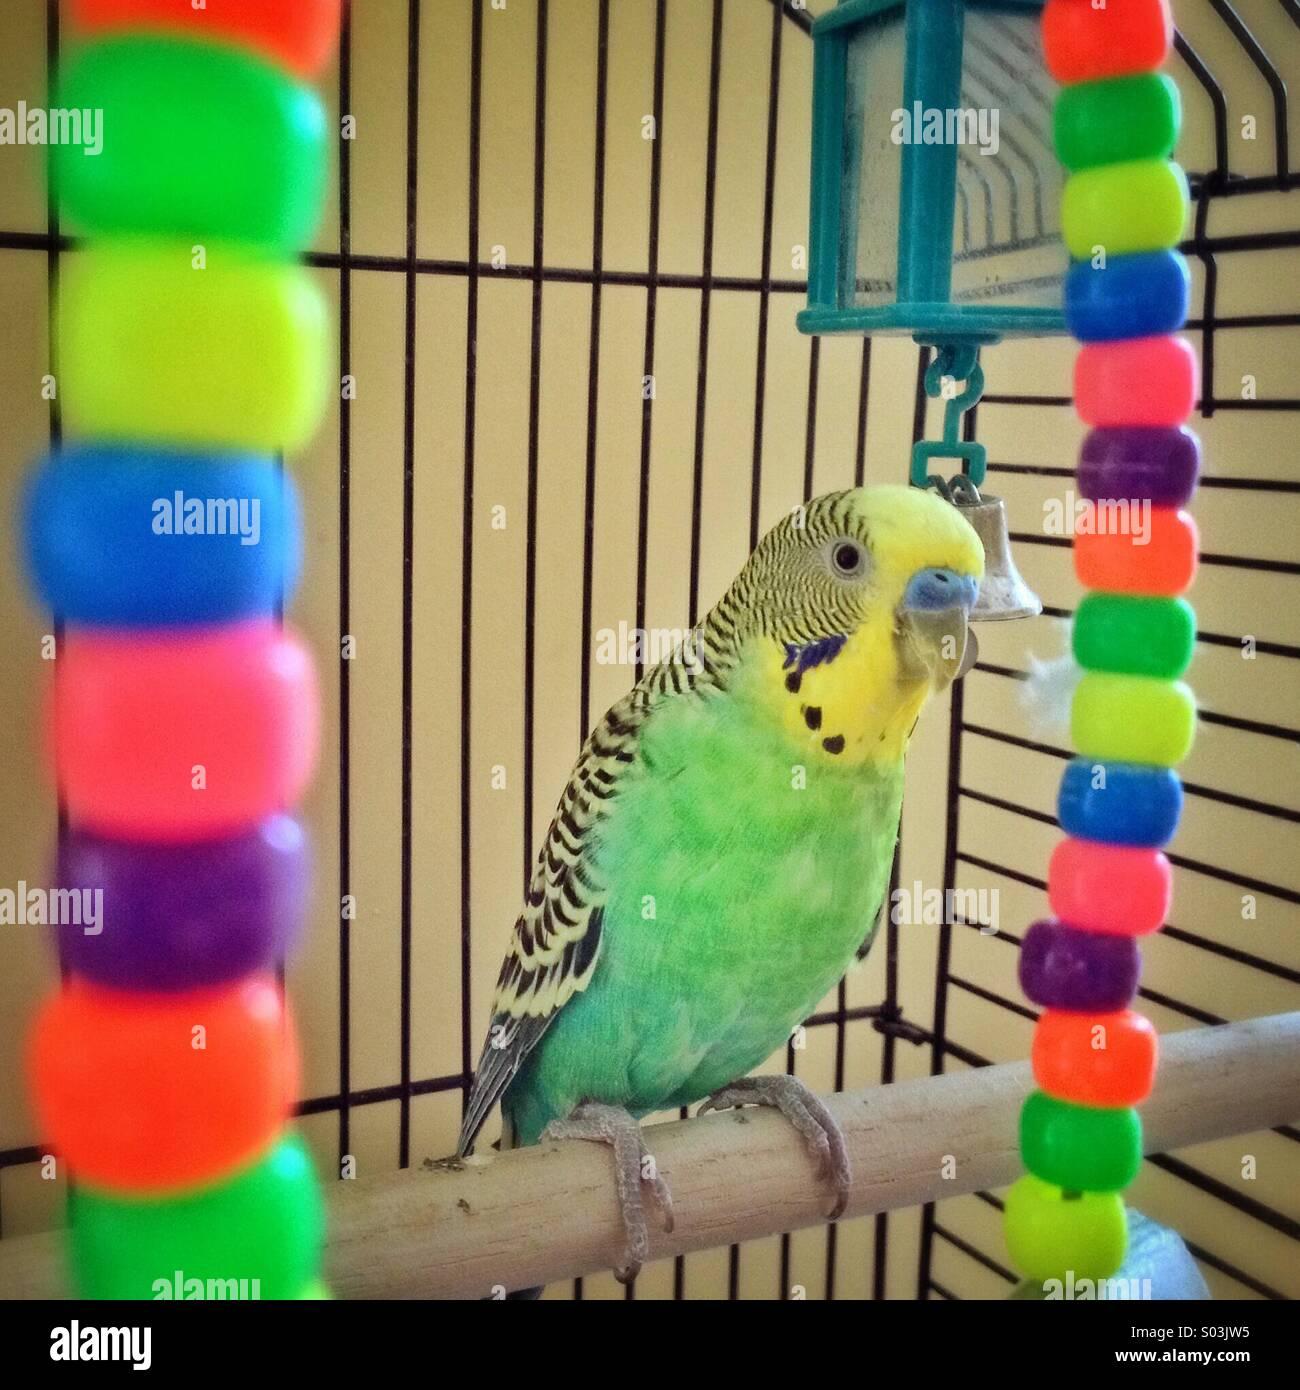 Grüne und gelbe Wellensittich Vogel in bunten Käfig. Stockbild